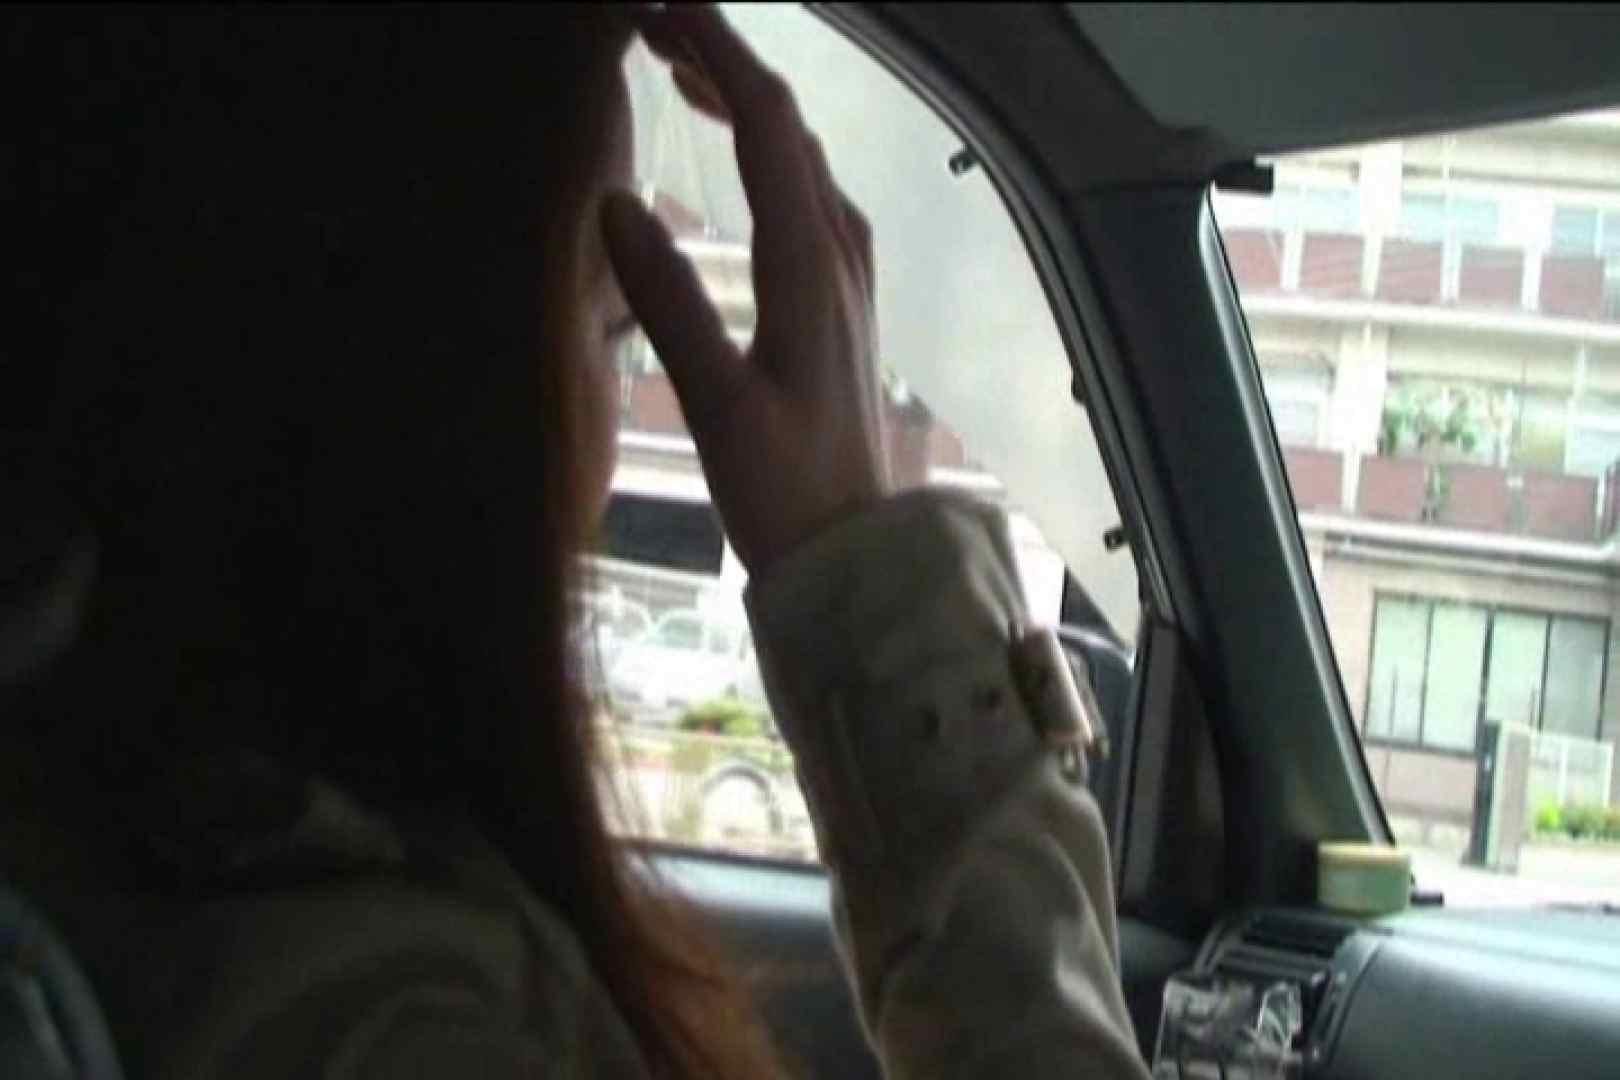 車内で初めまして! vol02 Hな女子大生 | エッチ  78pic 24